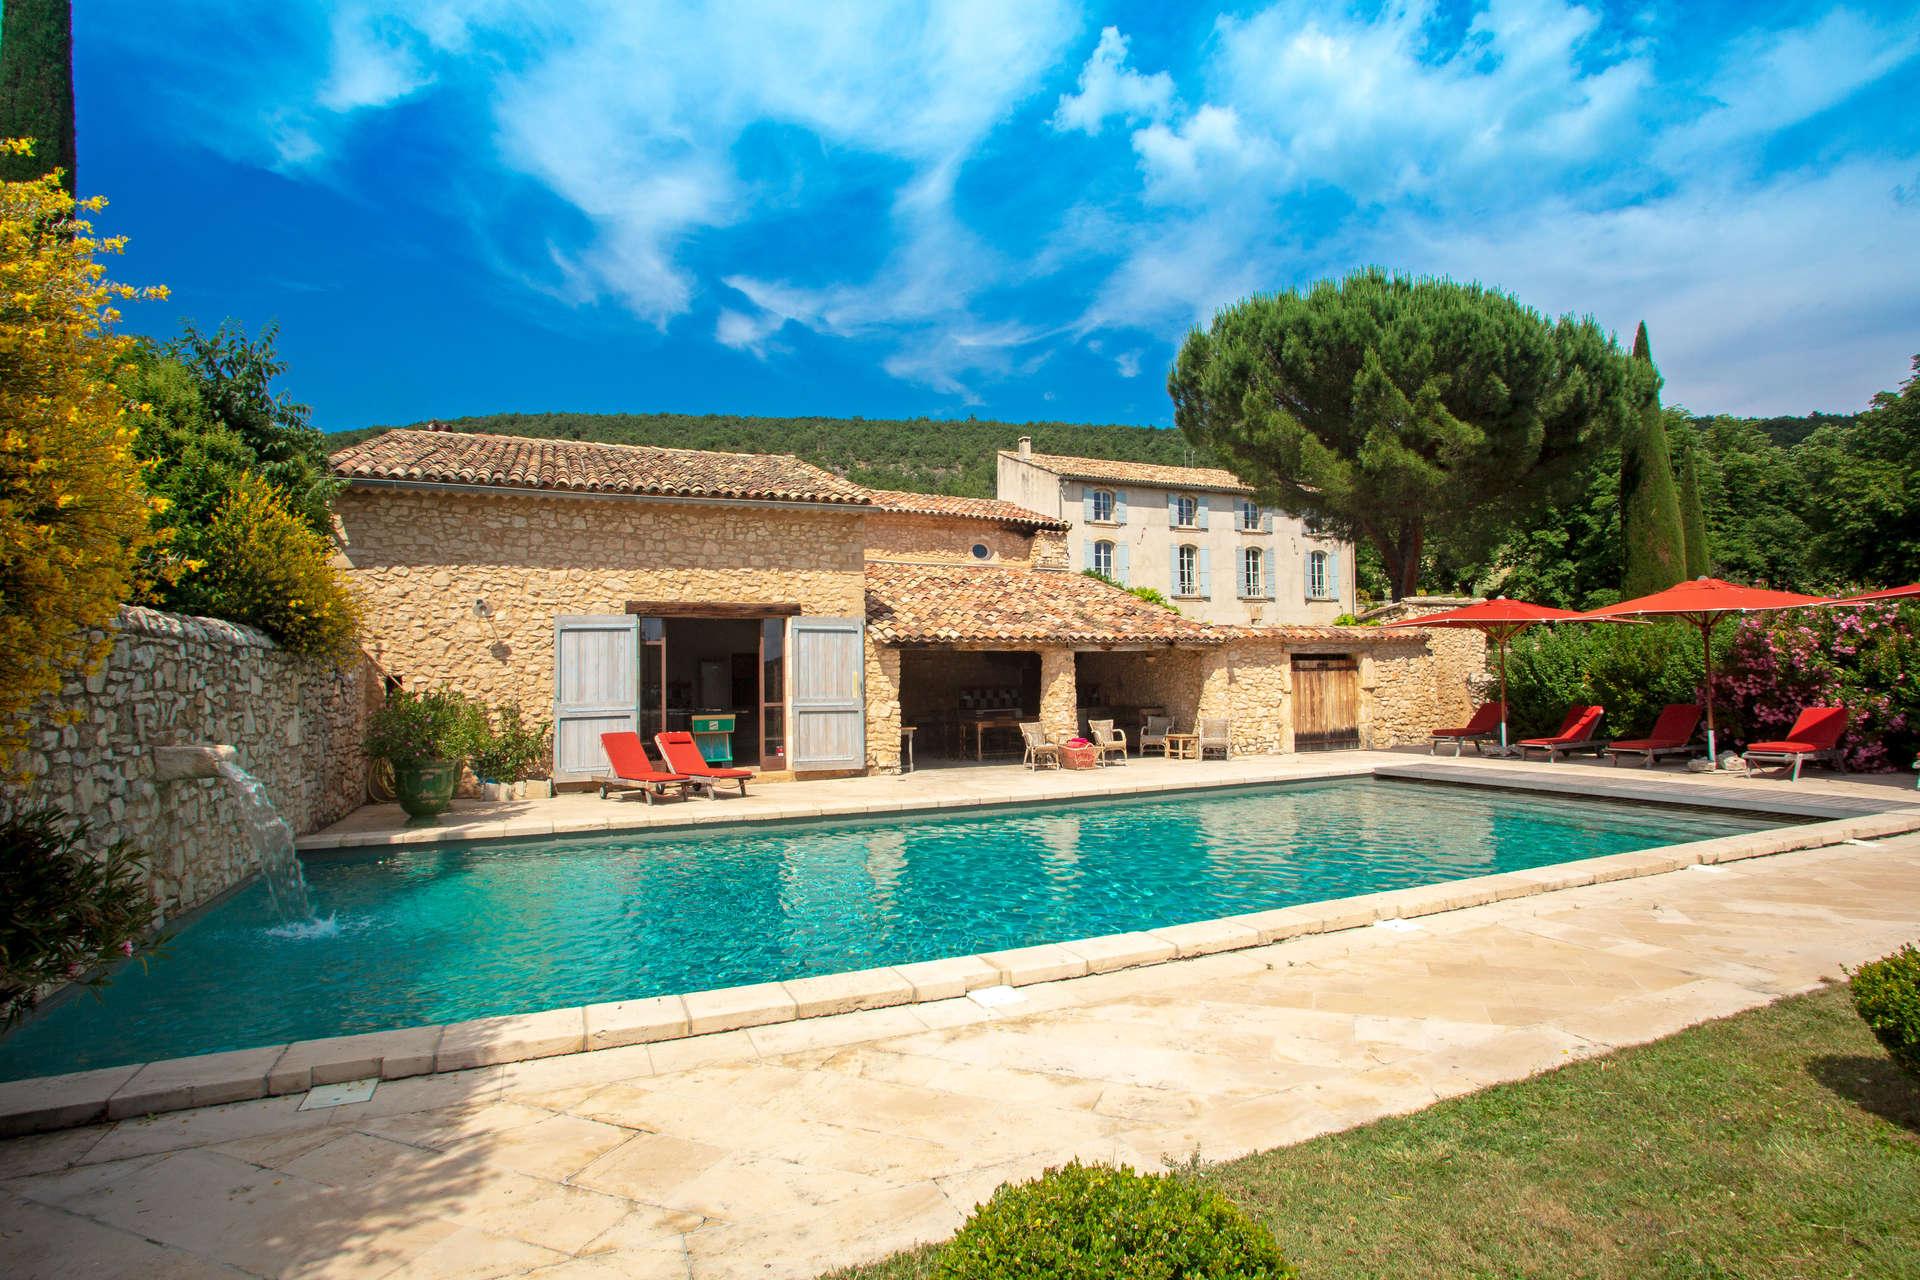 Luxury vacation rentals europe - France - Provence ih - Provence luberon - Simiane - Image 1/45